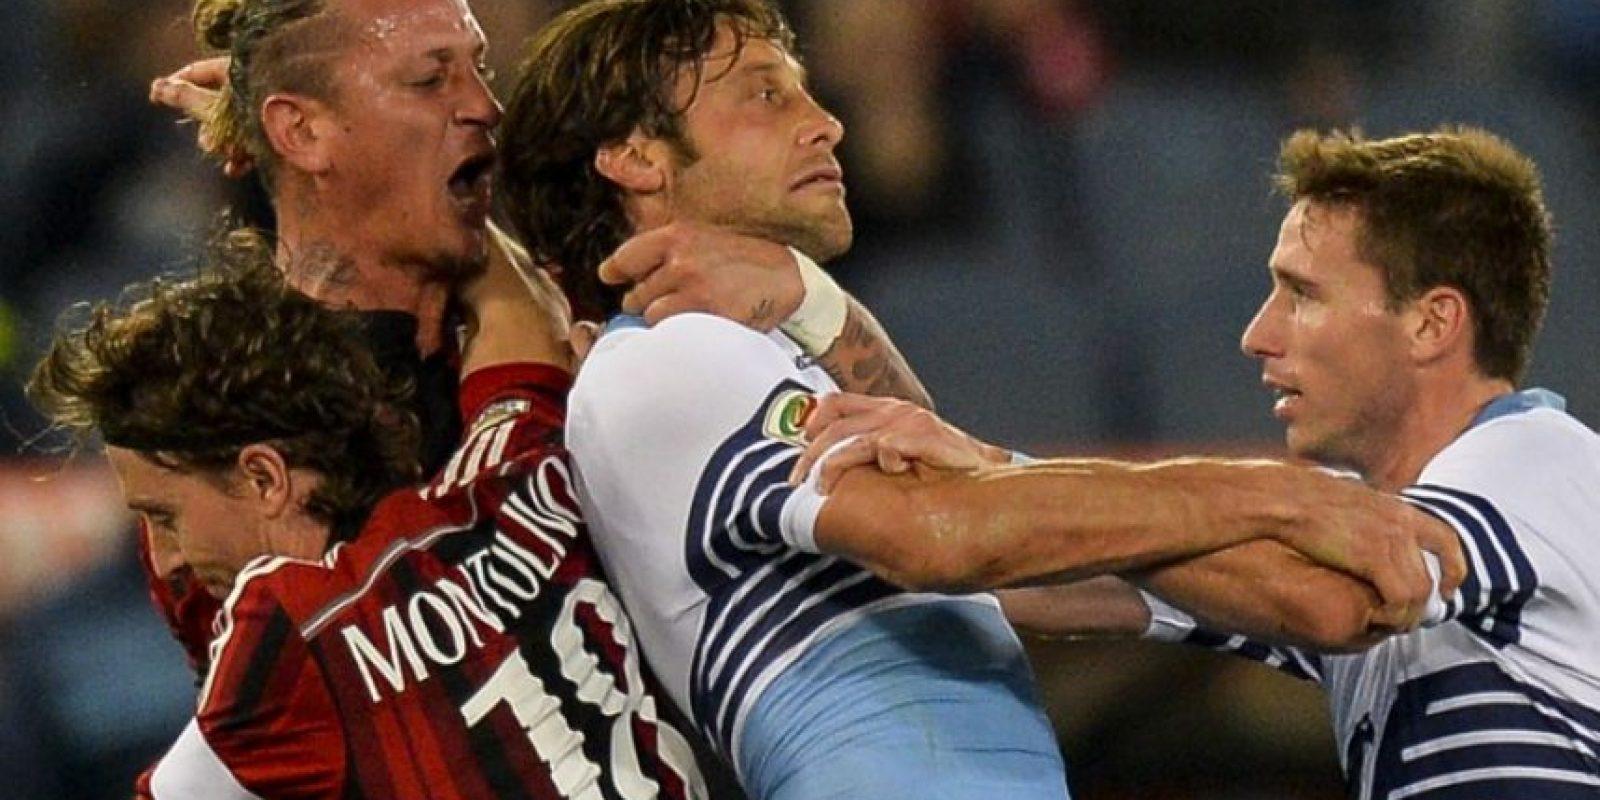 El zaguero francés se vio involucrado en este incidente con Amauri y podría ser castigado severamente. Foto:AFP